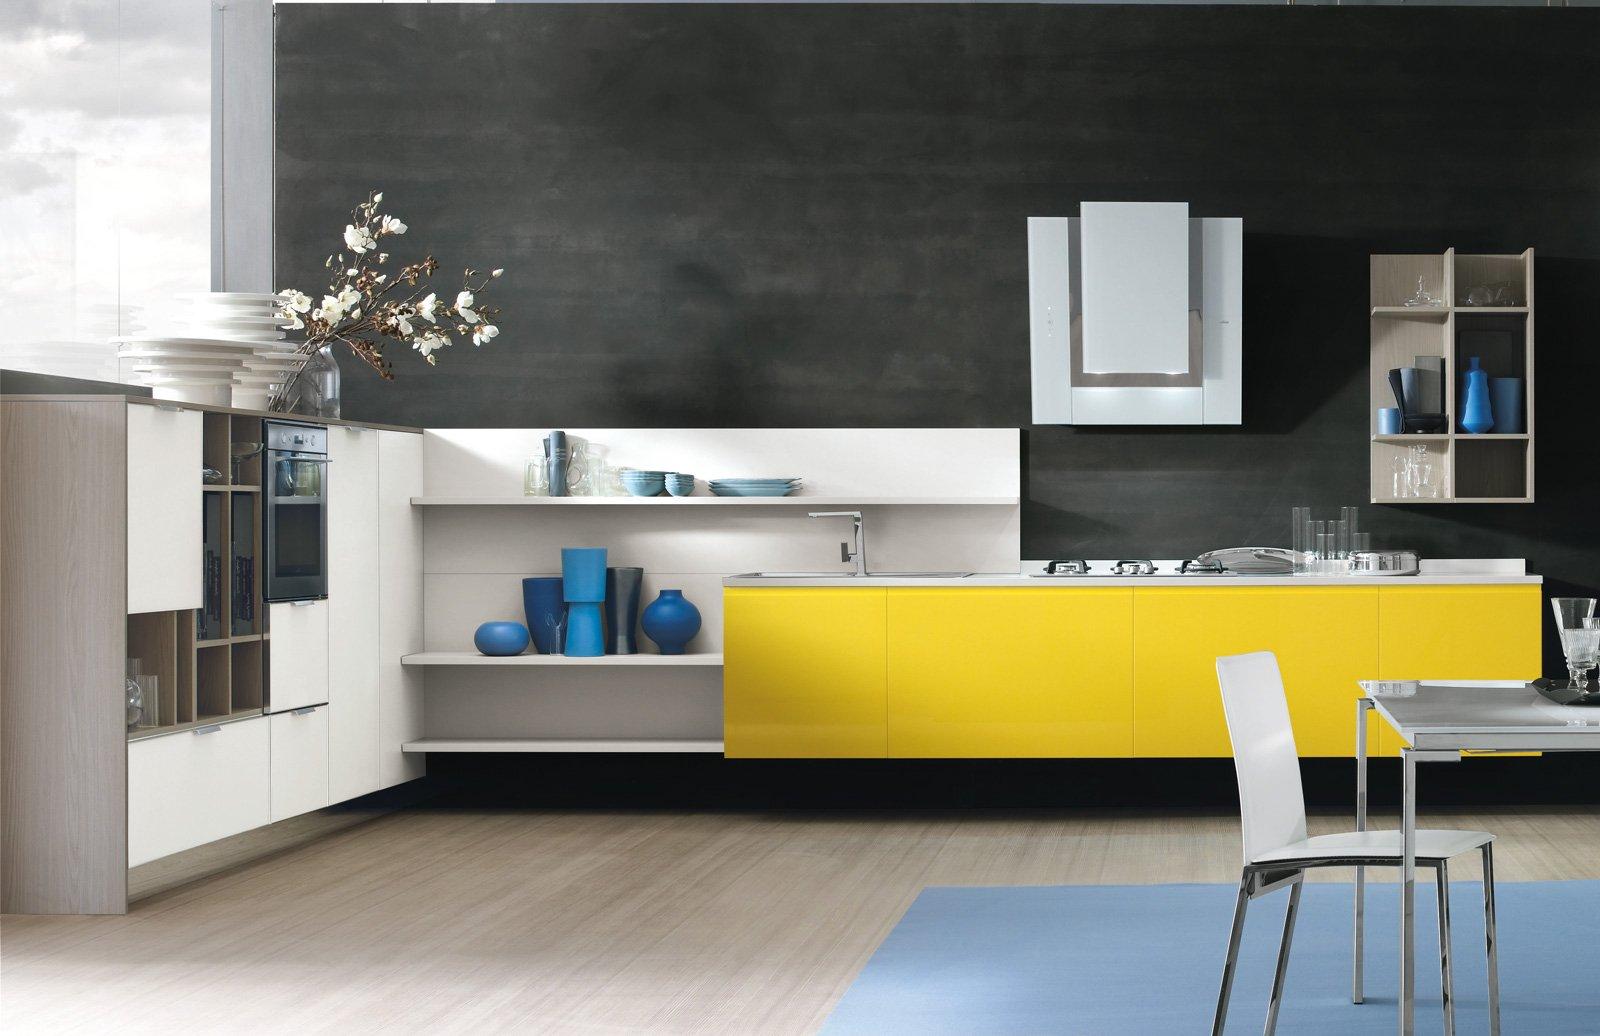 Cucine bicolore: l'alternanza cromatica fa tendenza - Cose di Casa